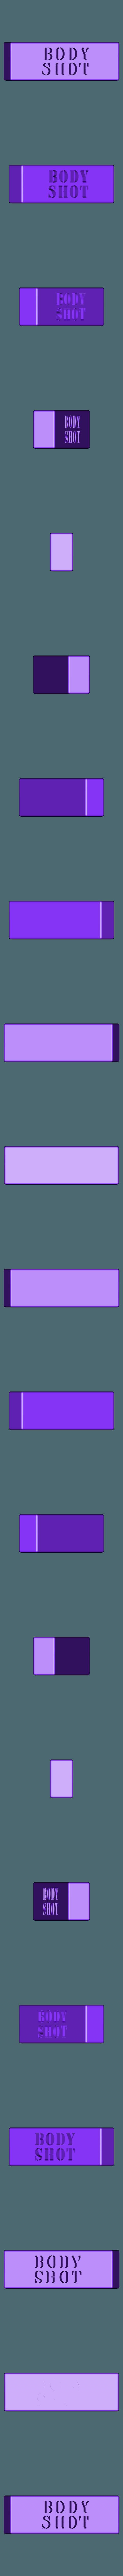 Jenga block - Body shot.stl Download STL file Jenga Rules • 3D print model, Made_In_Space